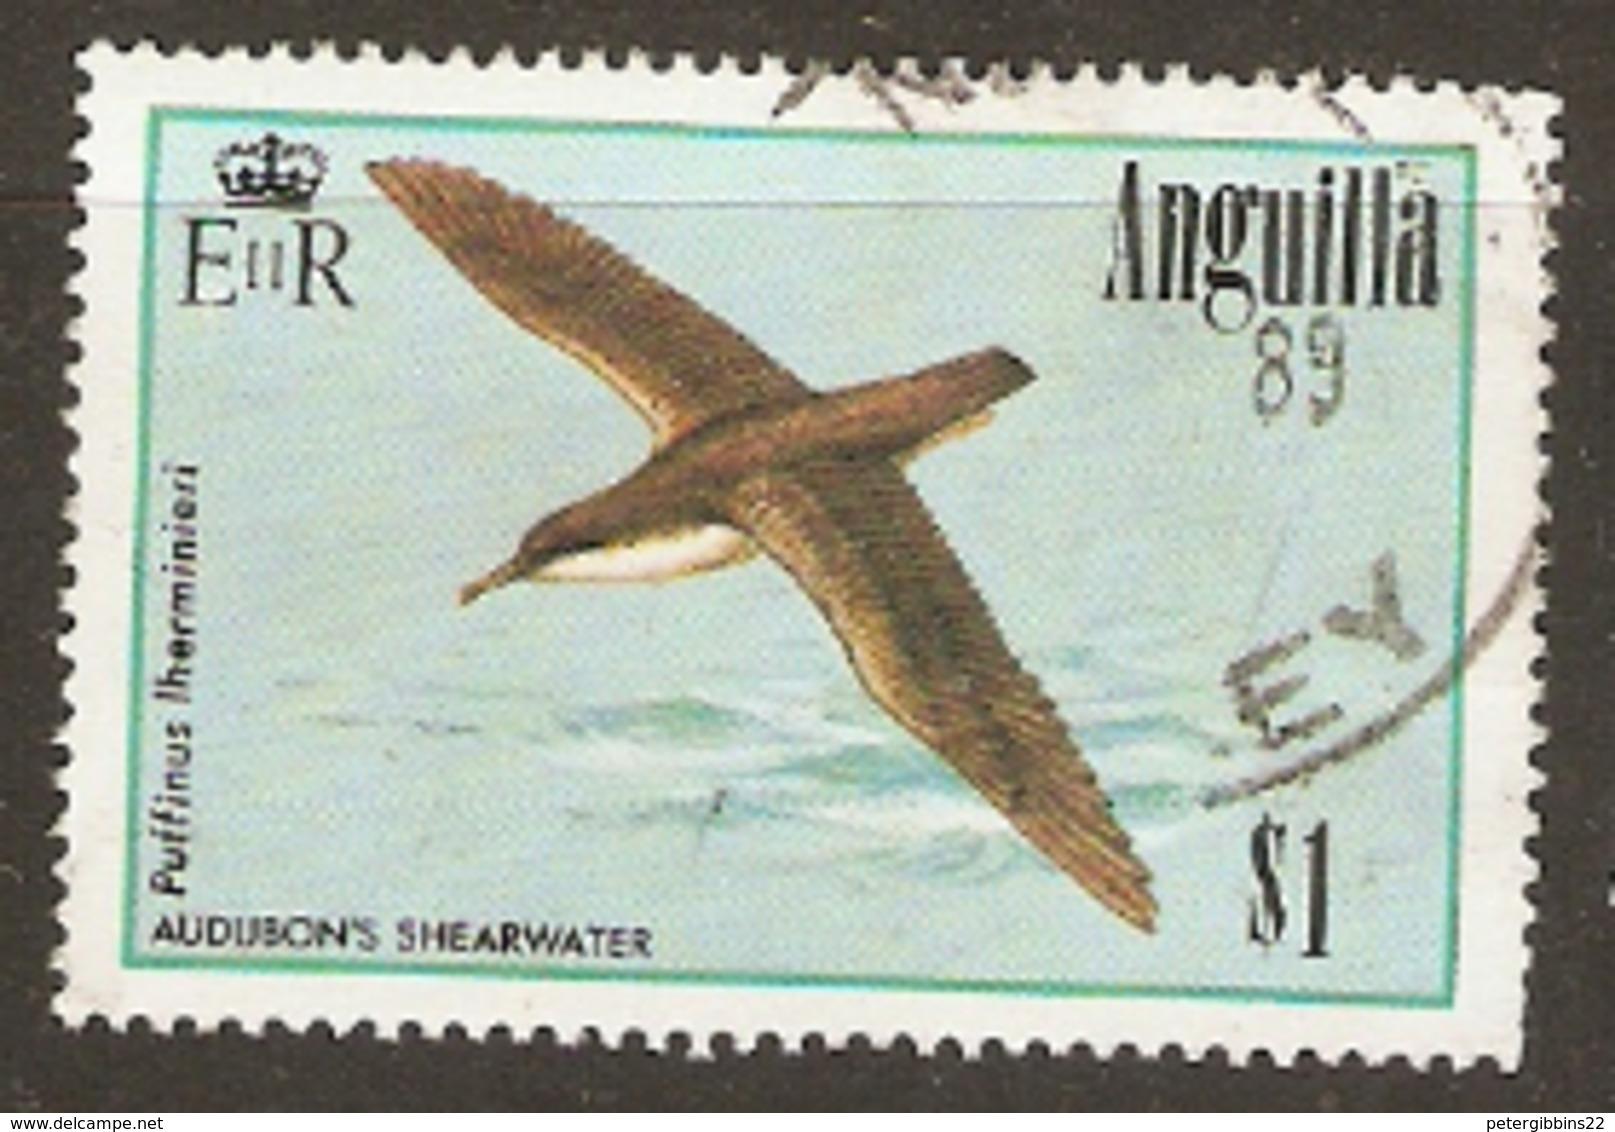 Anguilla  1985  SG 671  Audubon Sheerwater   Fine Used - Anguilla (1968-...)